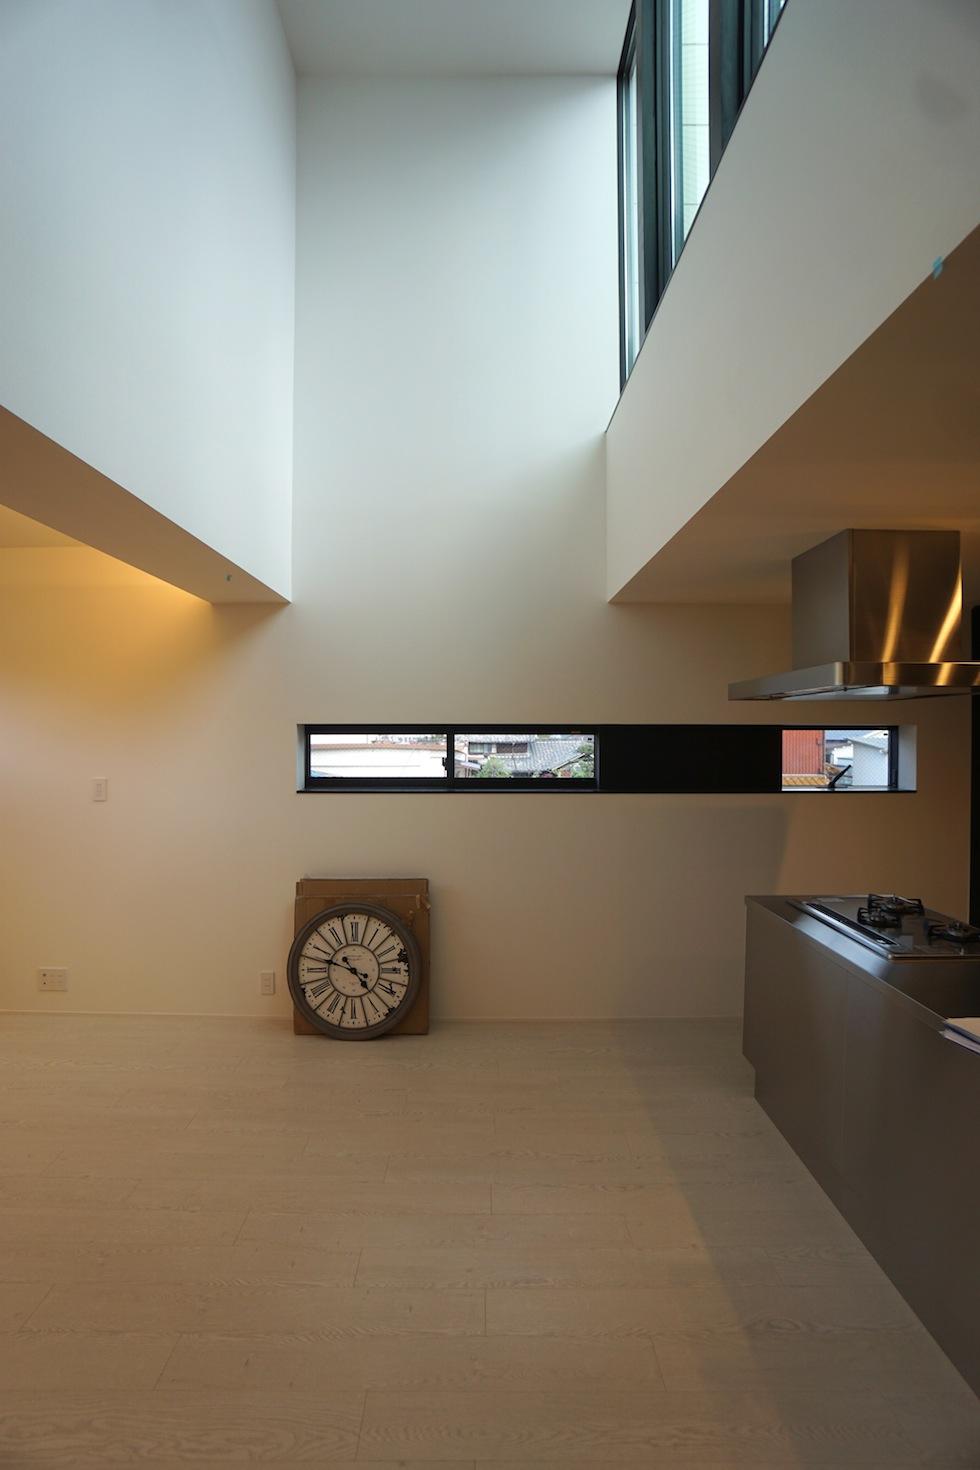 高級注文住宅,設計設計事務所,建築家,デザイン,3階建て住宅,コートハウス,吹き抜け